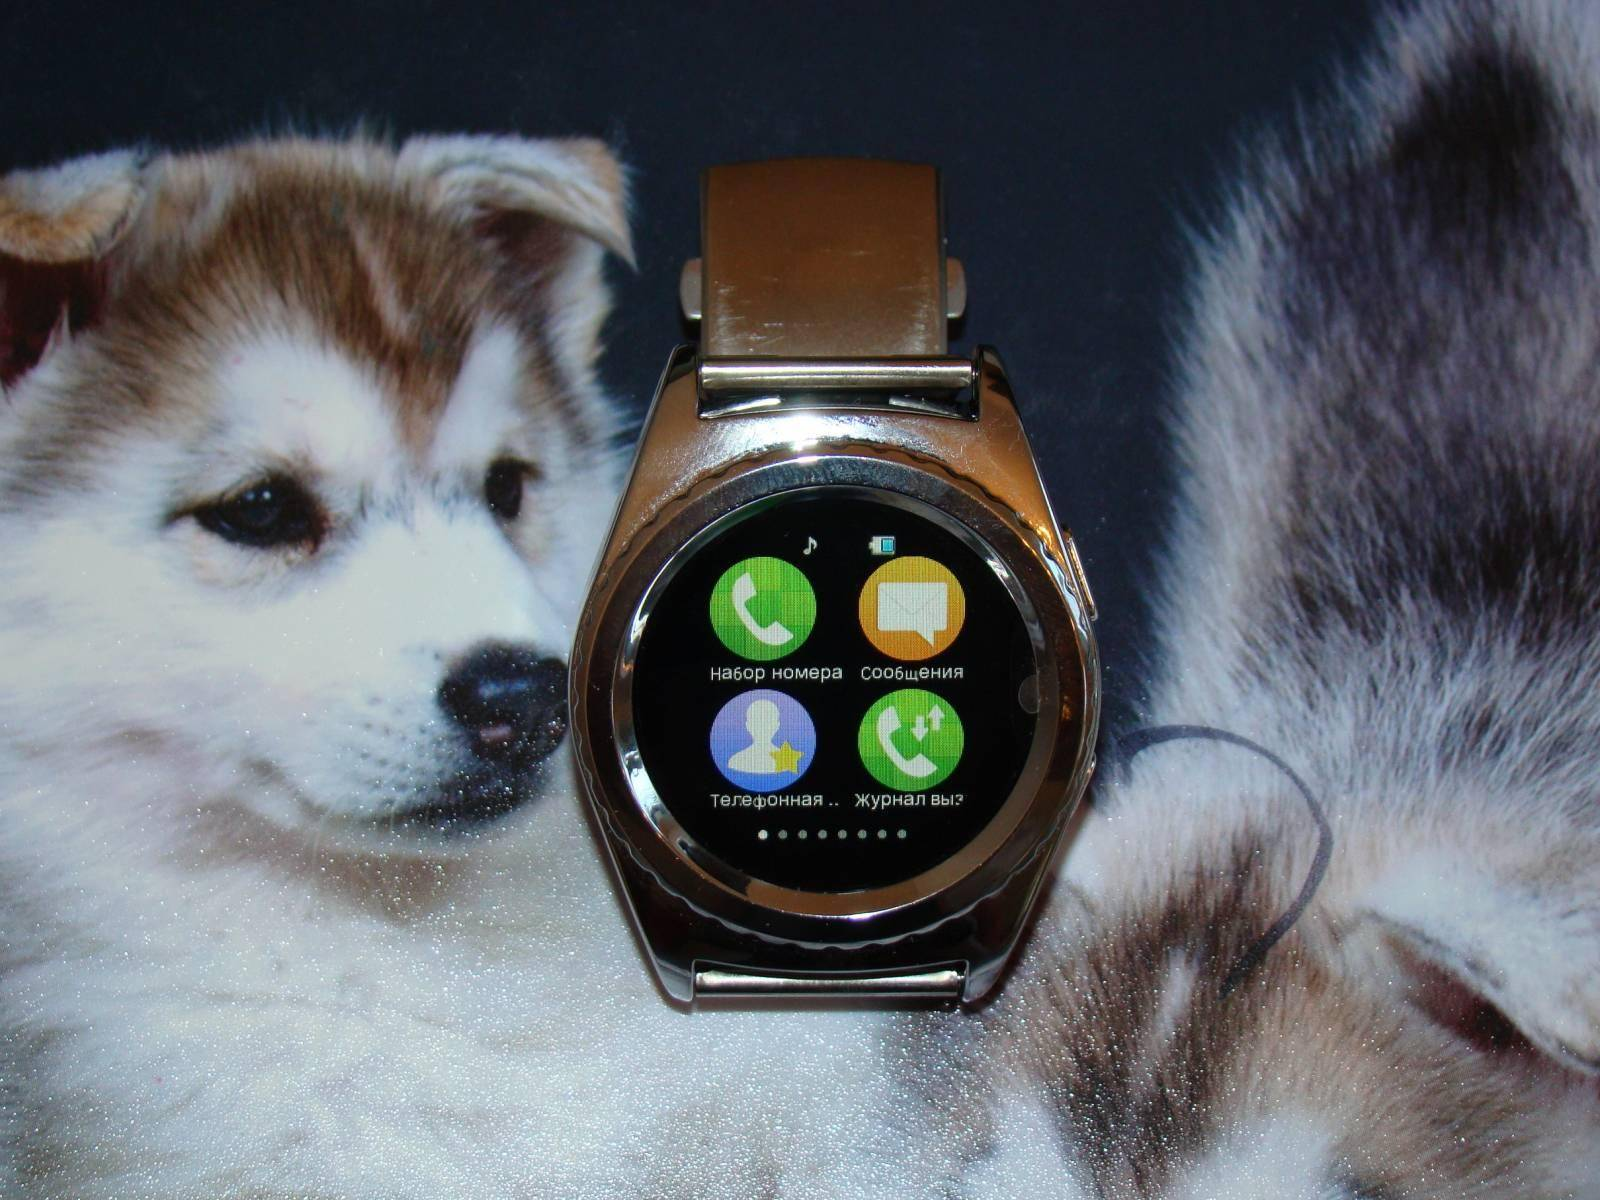 Другие: No.1 G4 – пожалуй самые дешевые умные часы с круглым циферблатом.